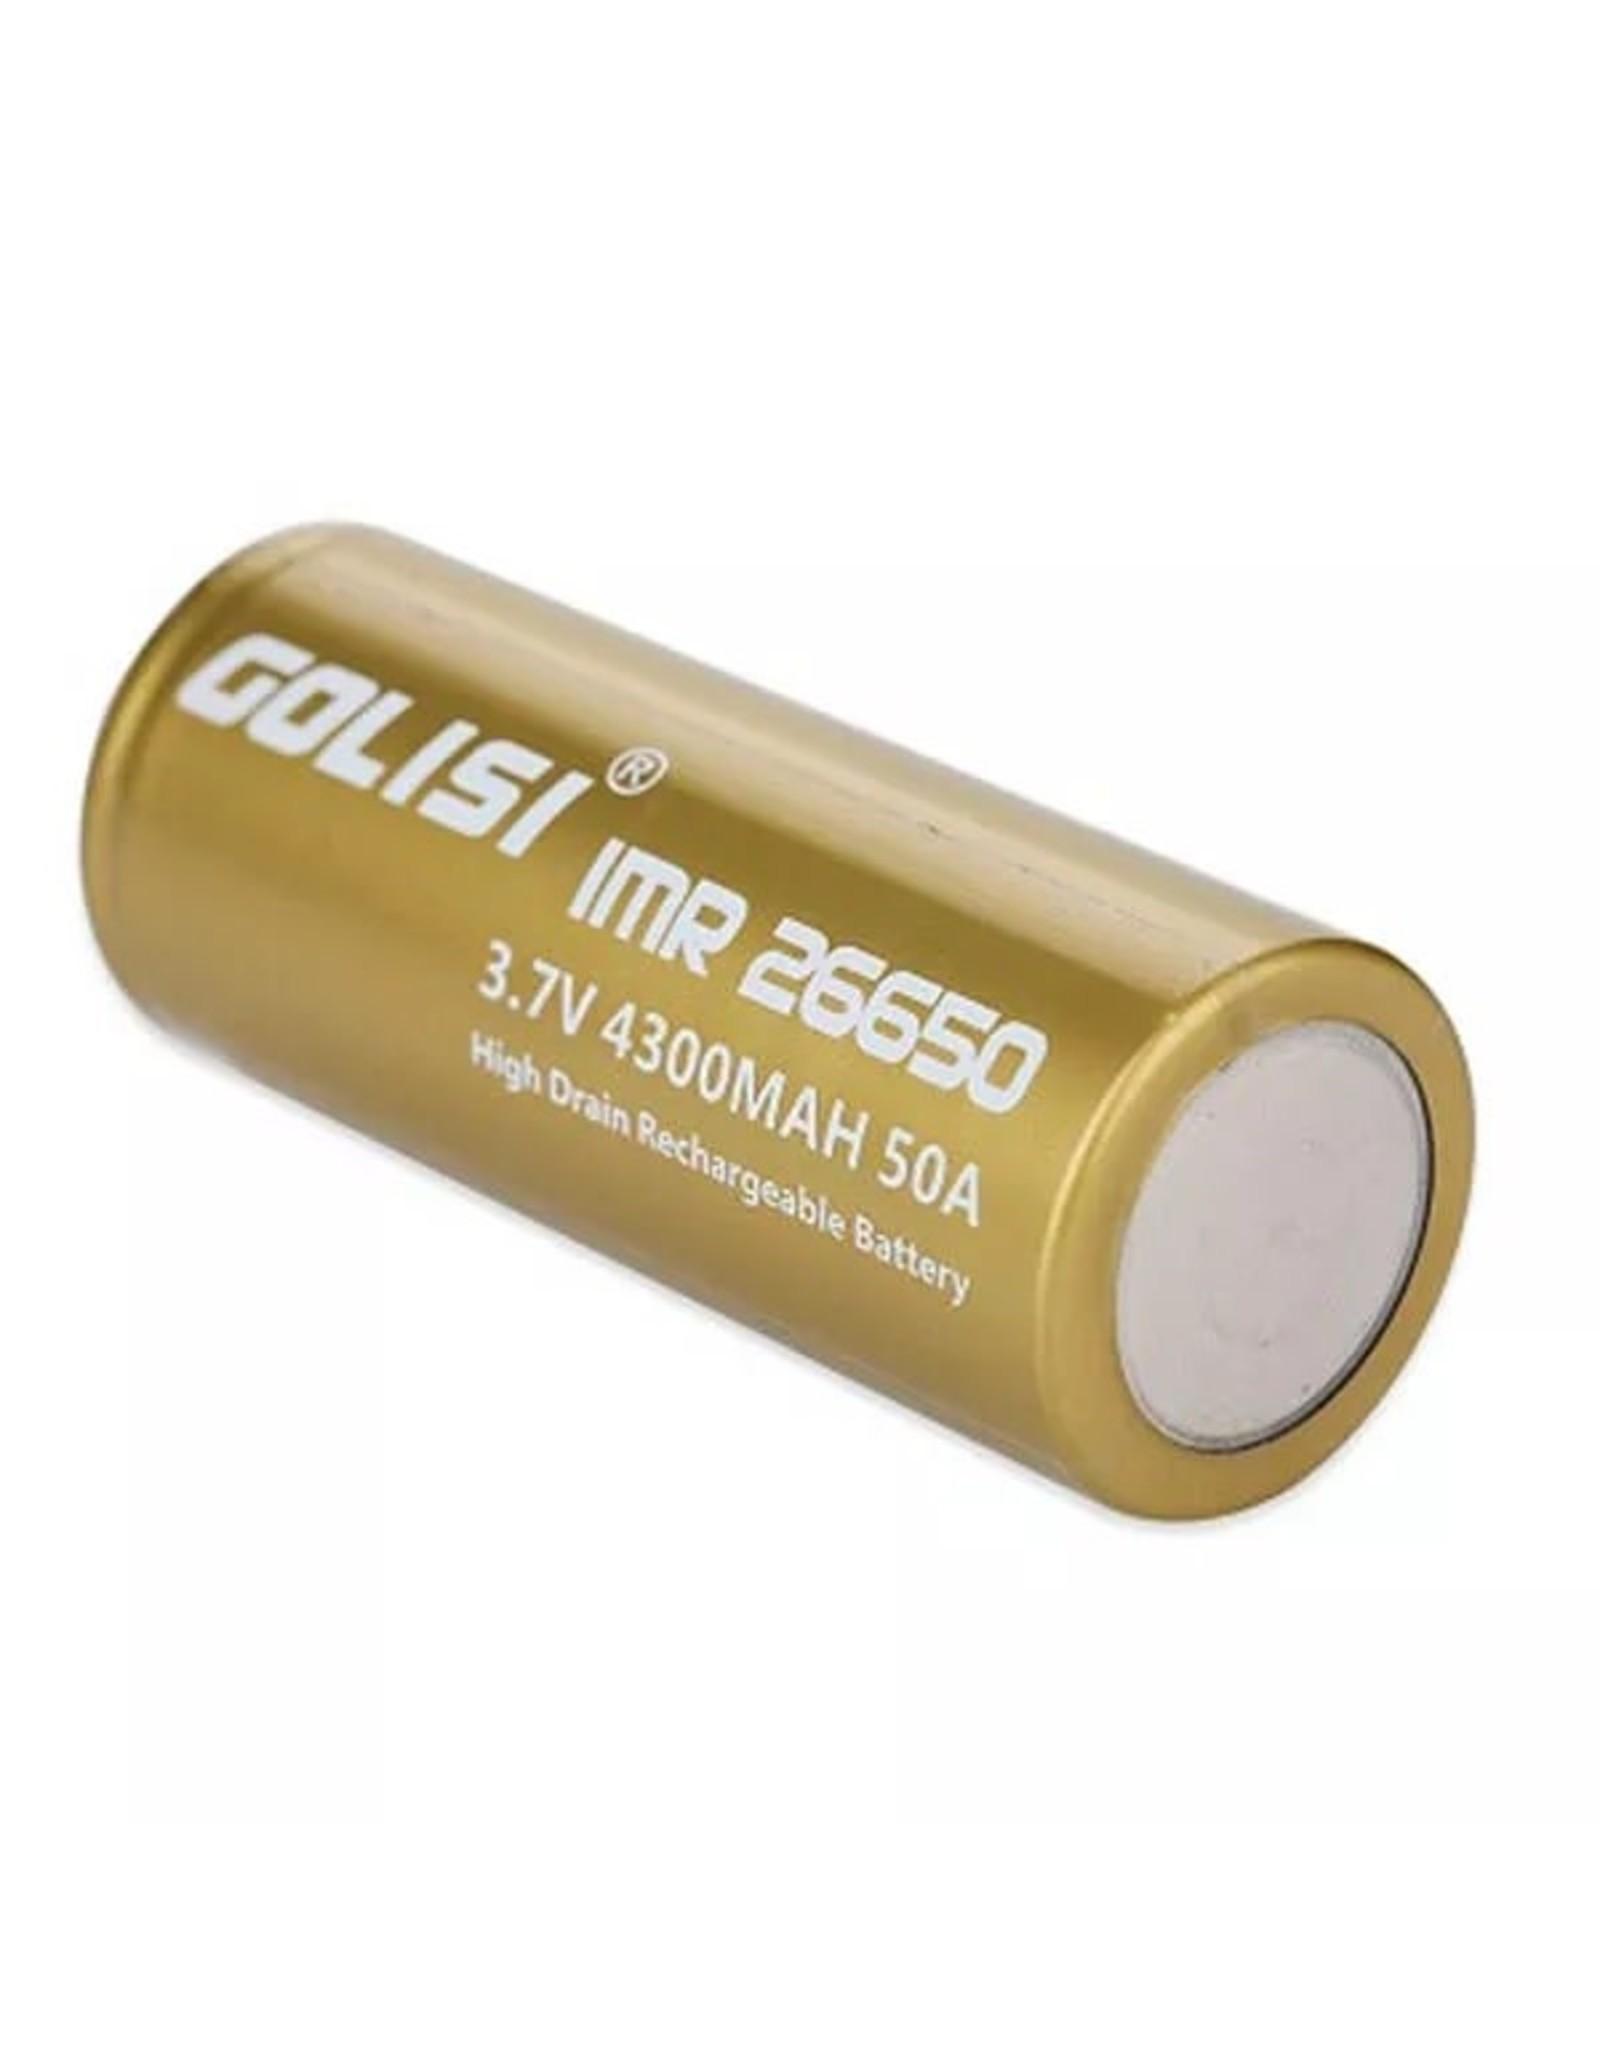 GOLISI GOLISI IMR S43 26650 4300mAh 35A Battery